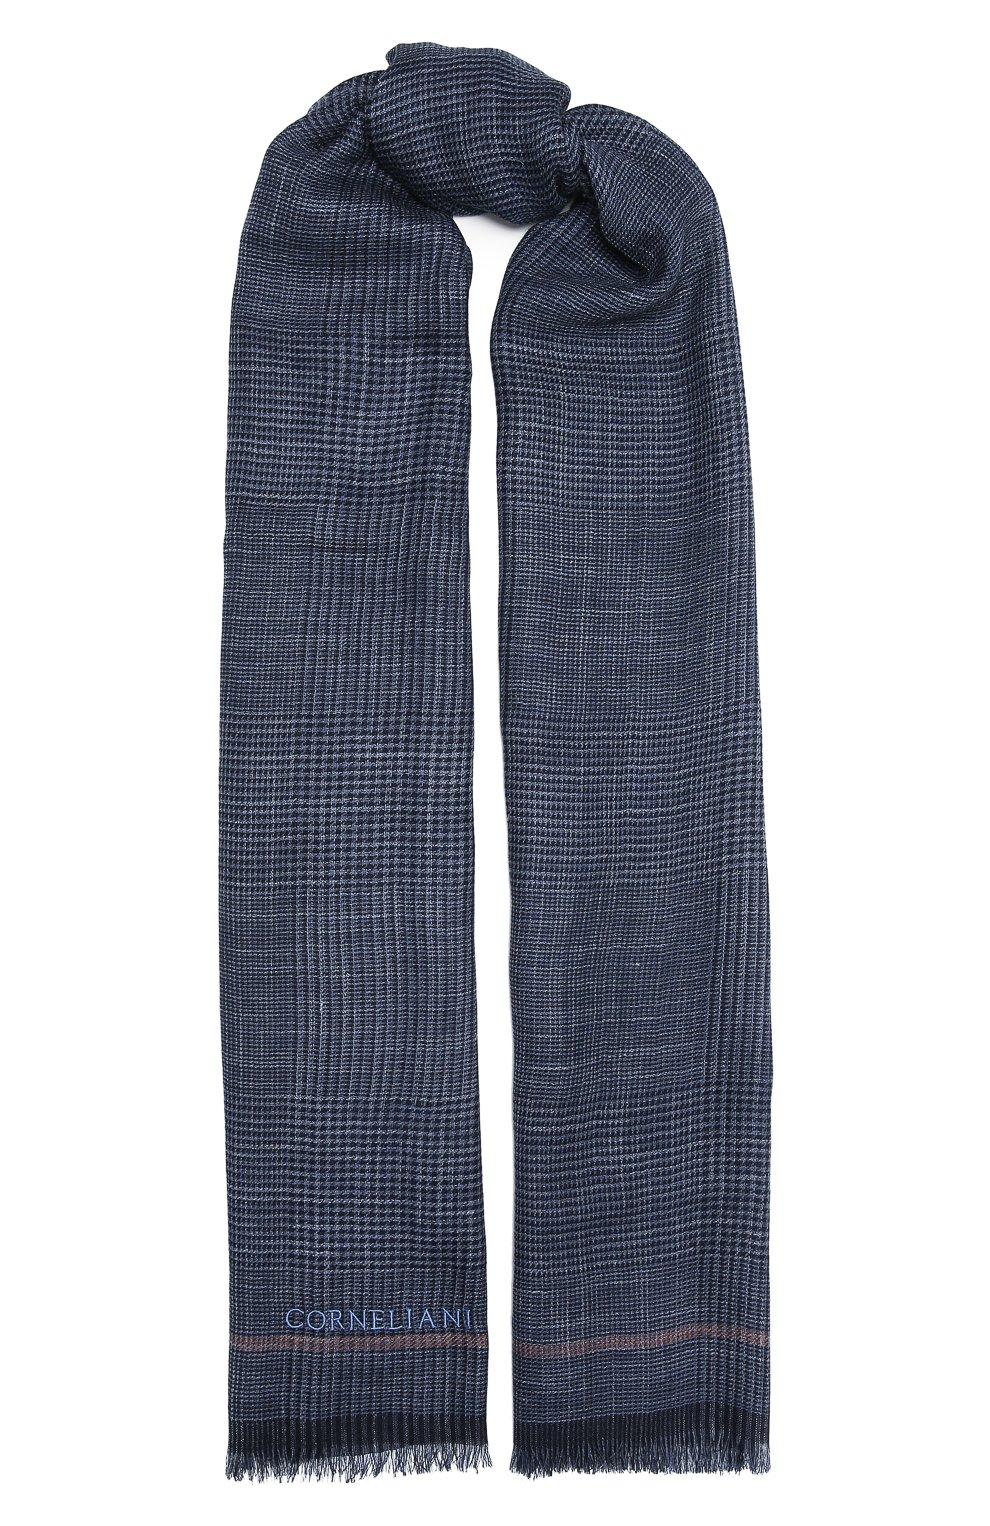 Мужской шарф из шелка и льна CORNELIANI темно-синего цвета, арт. 87B311-1129061/00 | Фото 1